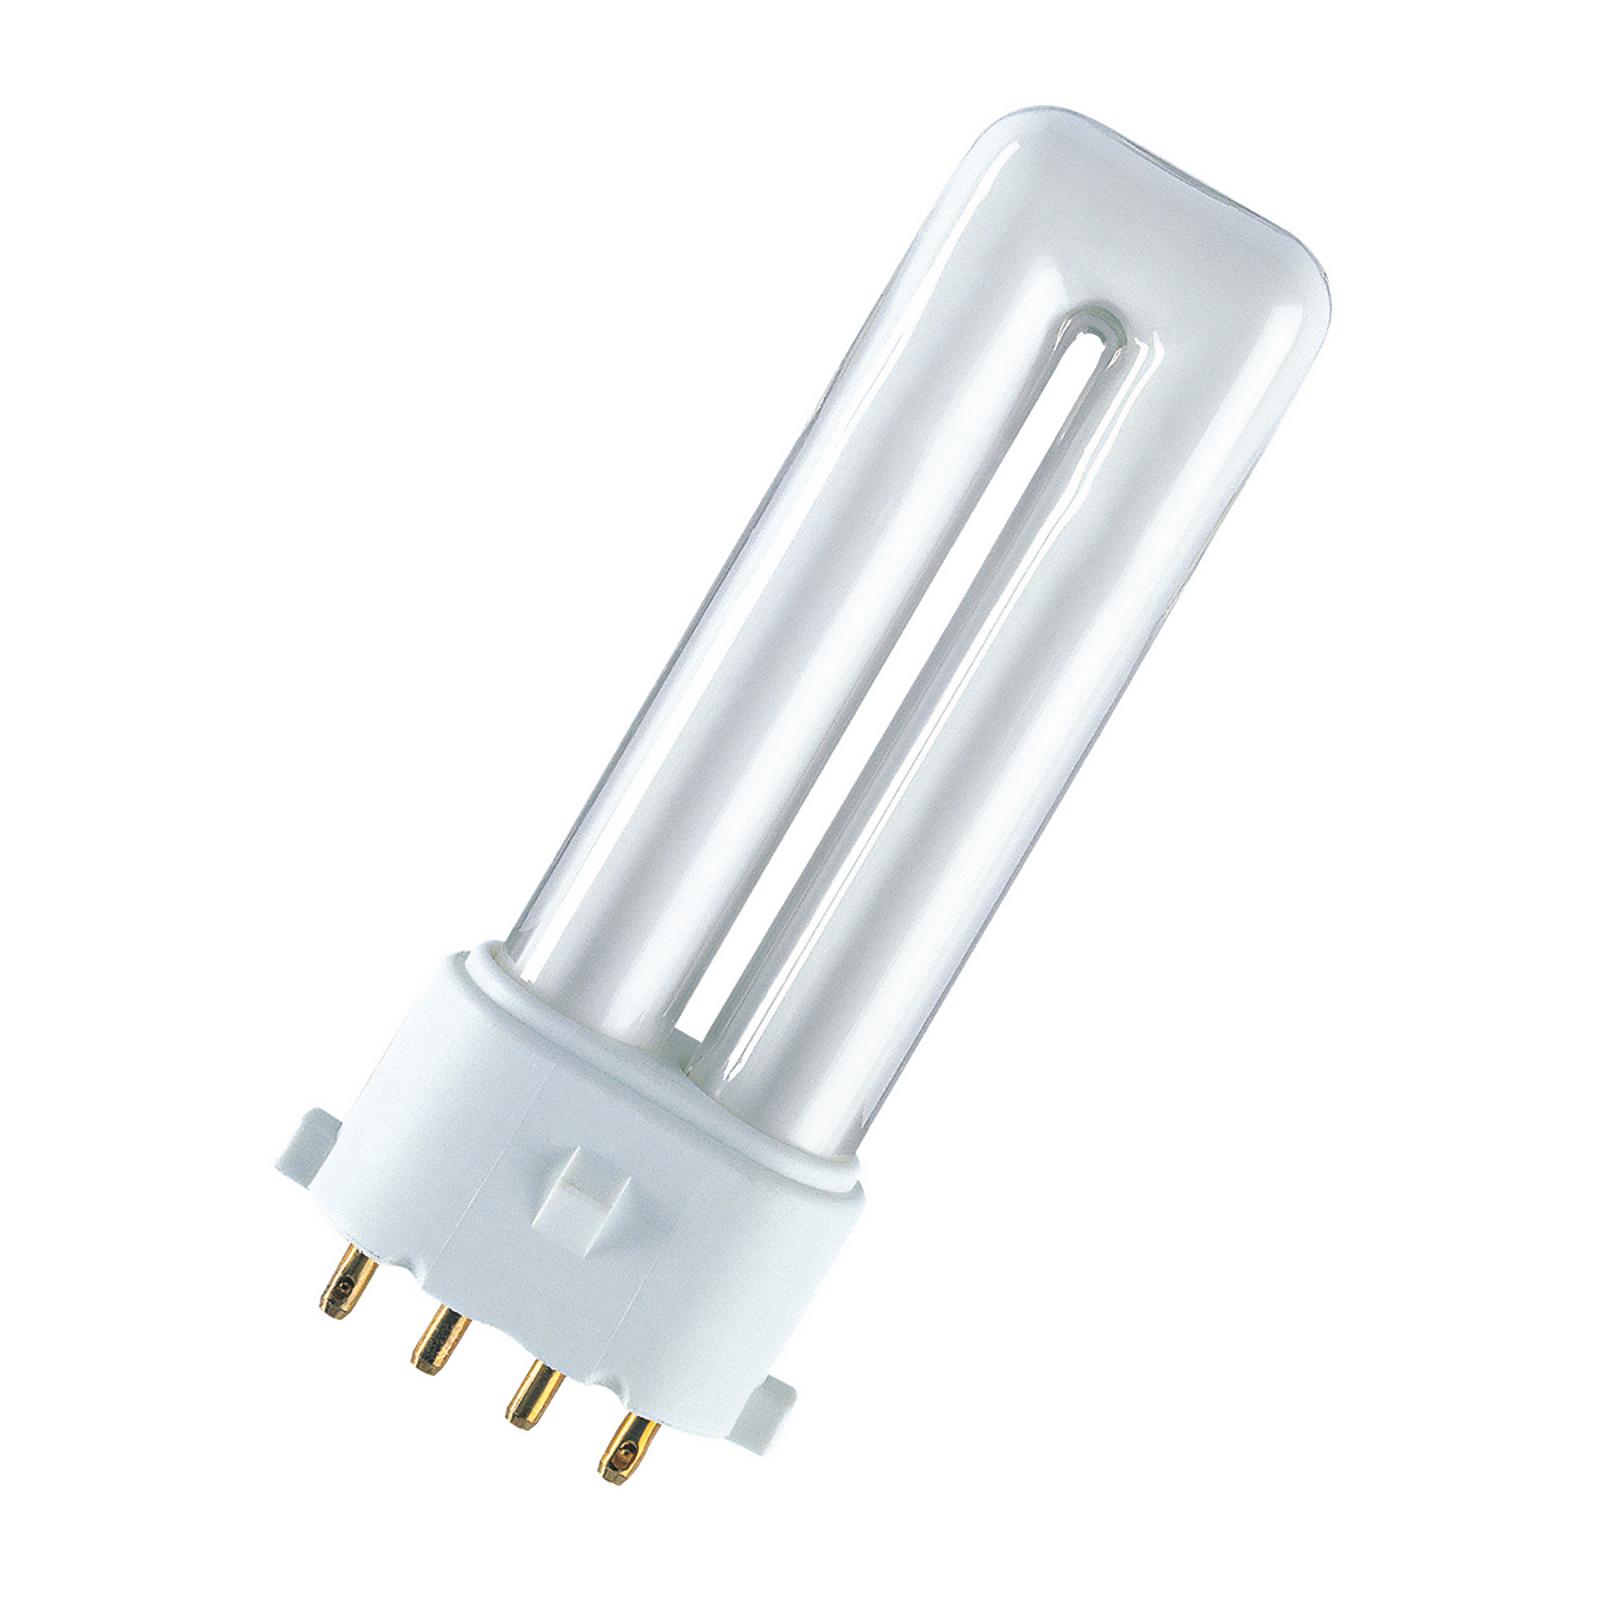 Ampoule à incandescence compacte 2G7 11W Dulux S/E